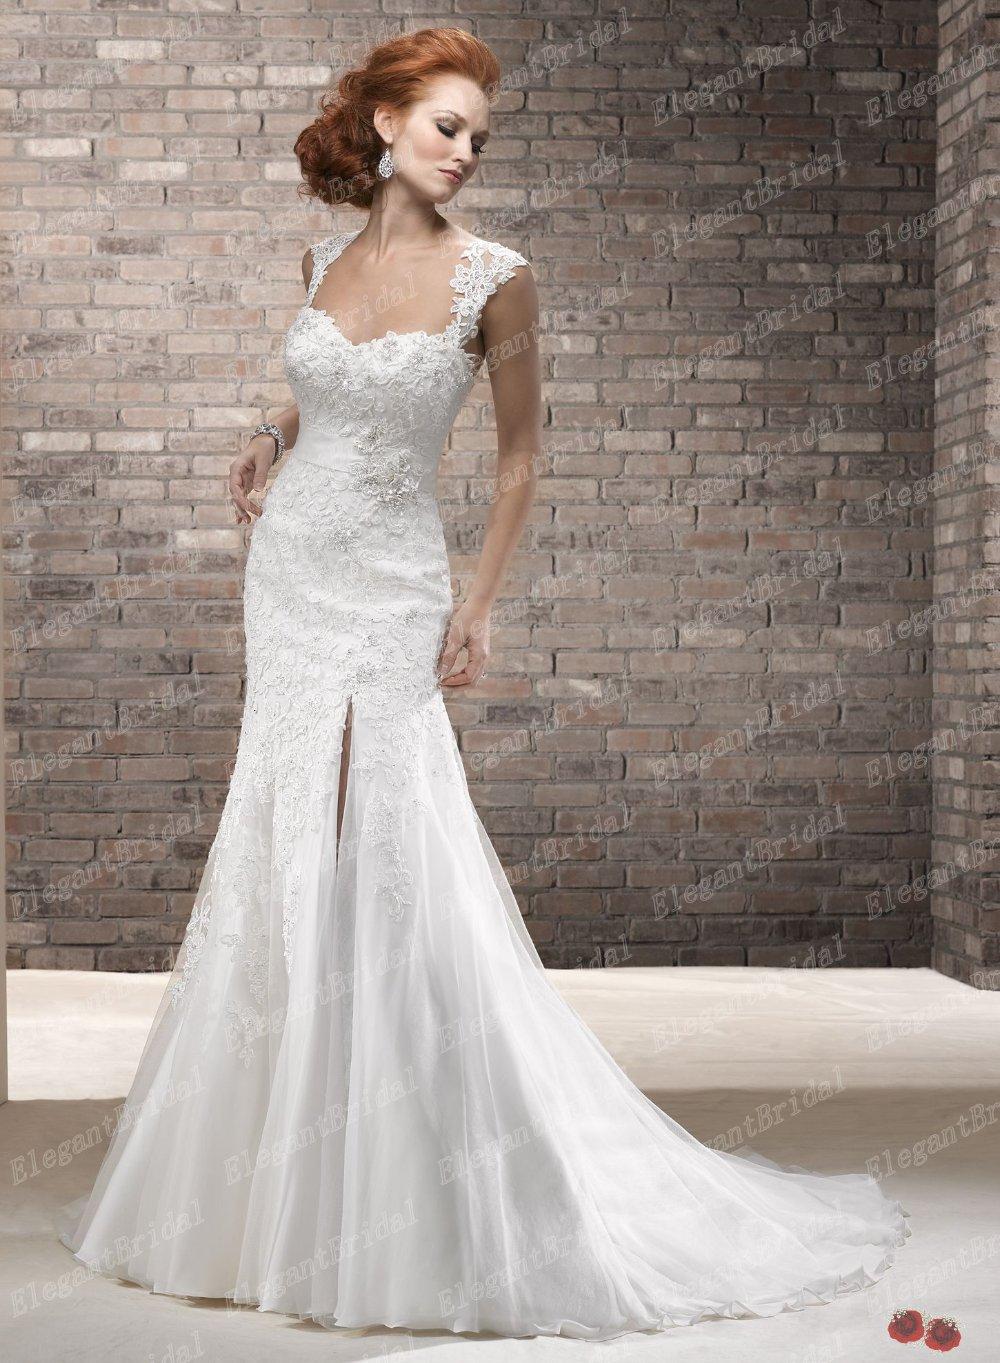 cap sleeve wedding dress cap sleeves simple mermaid lace wedding dress cap sleeves open back